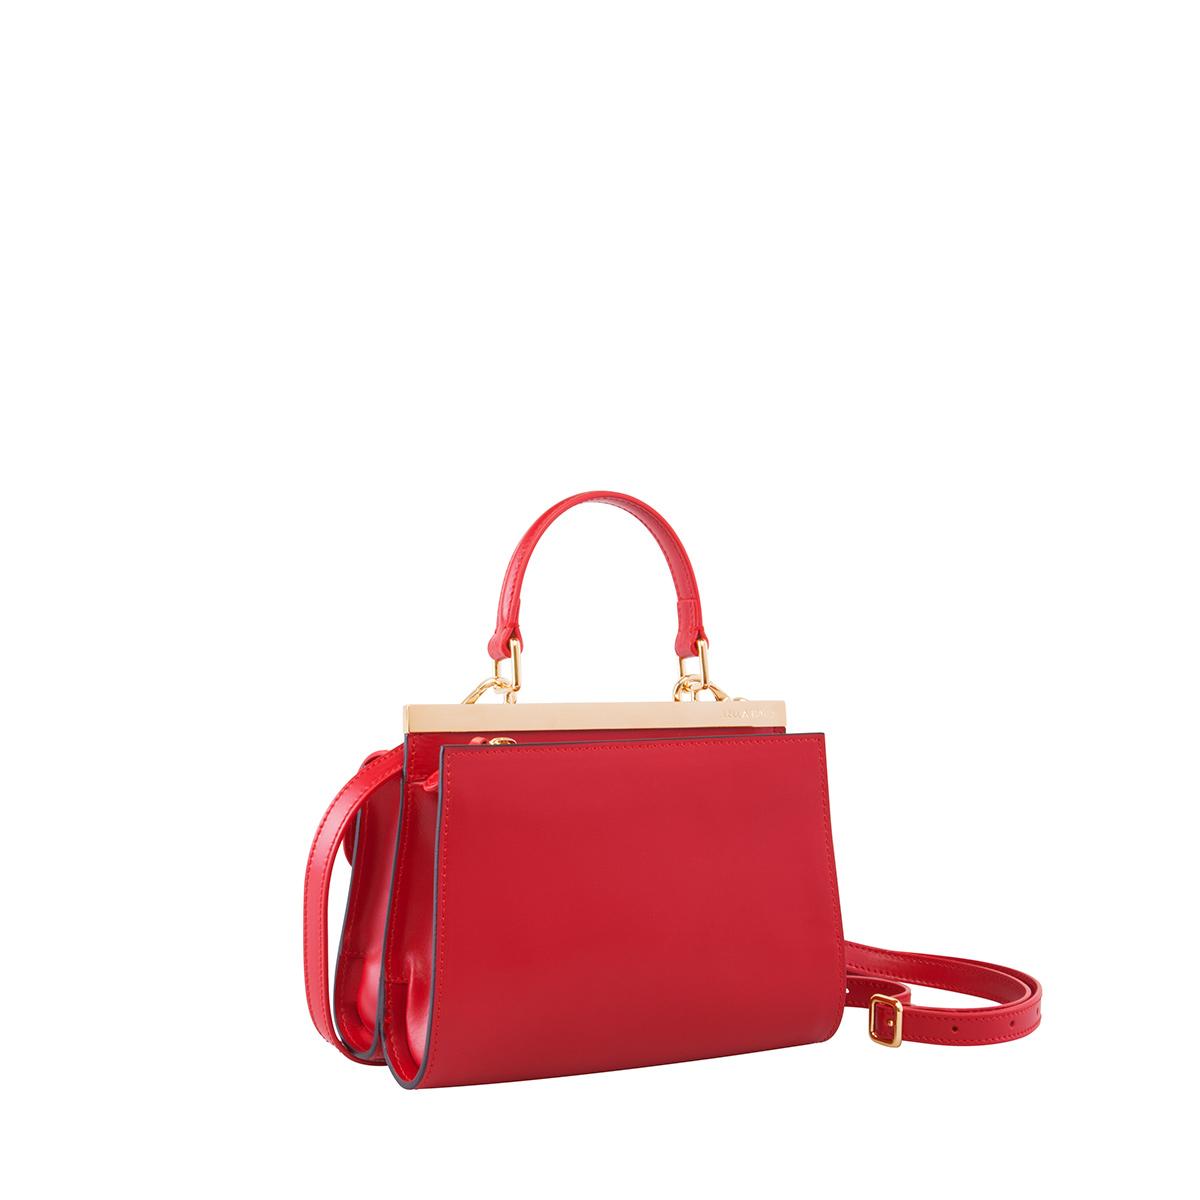 Wavy Bag Clutch, Rosso-Nero